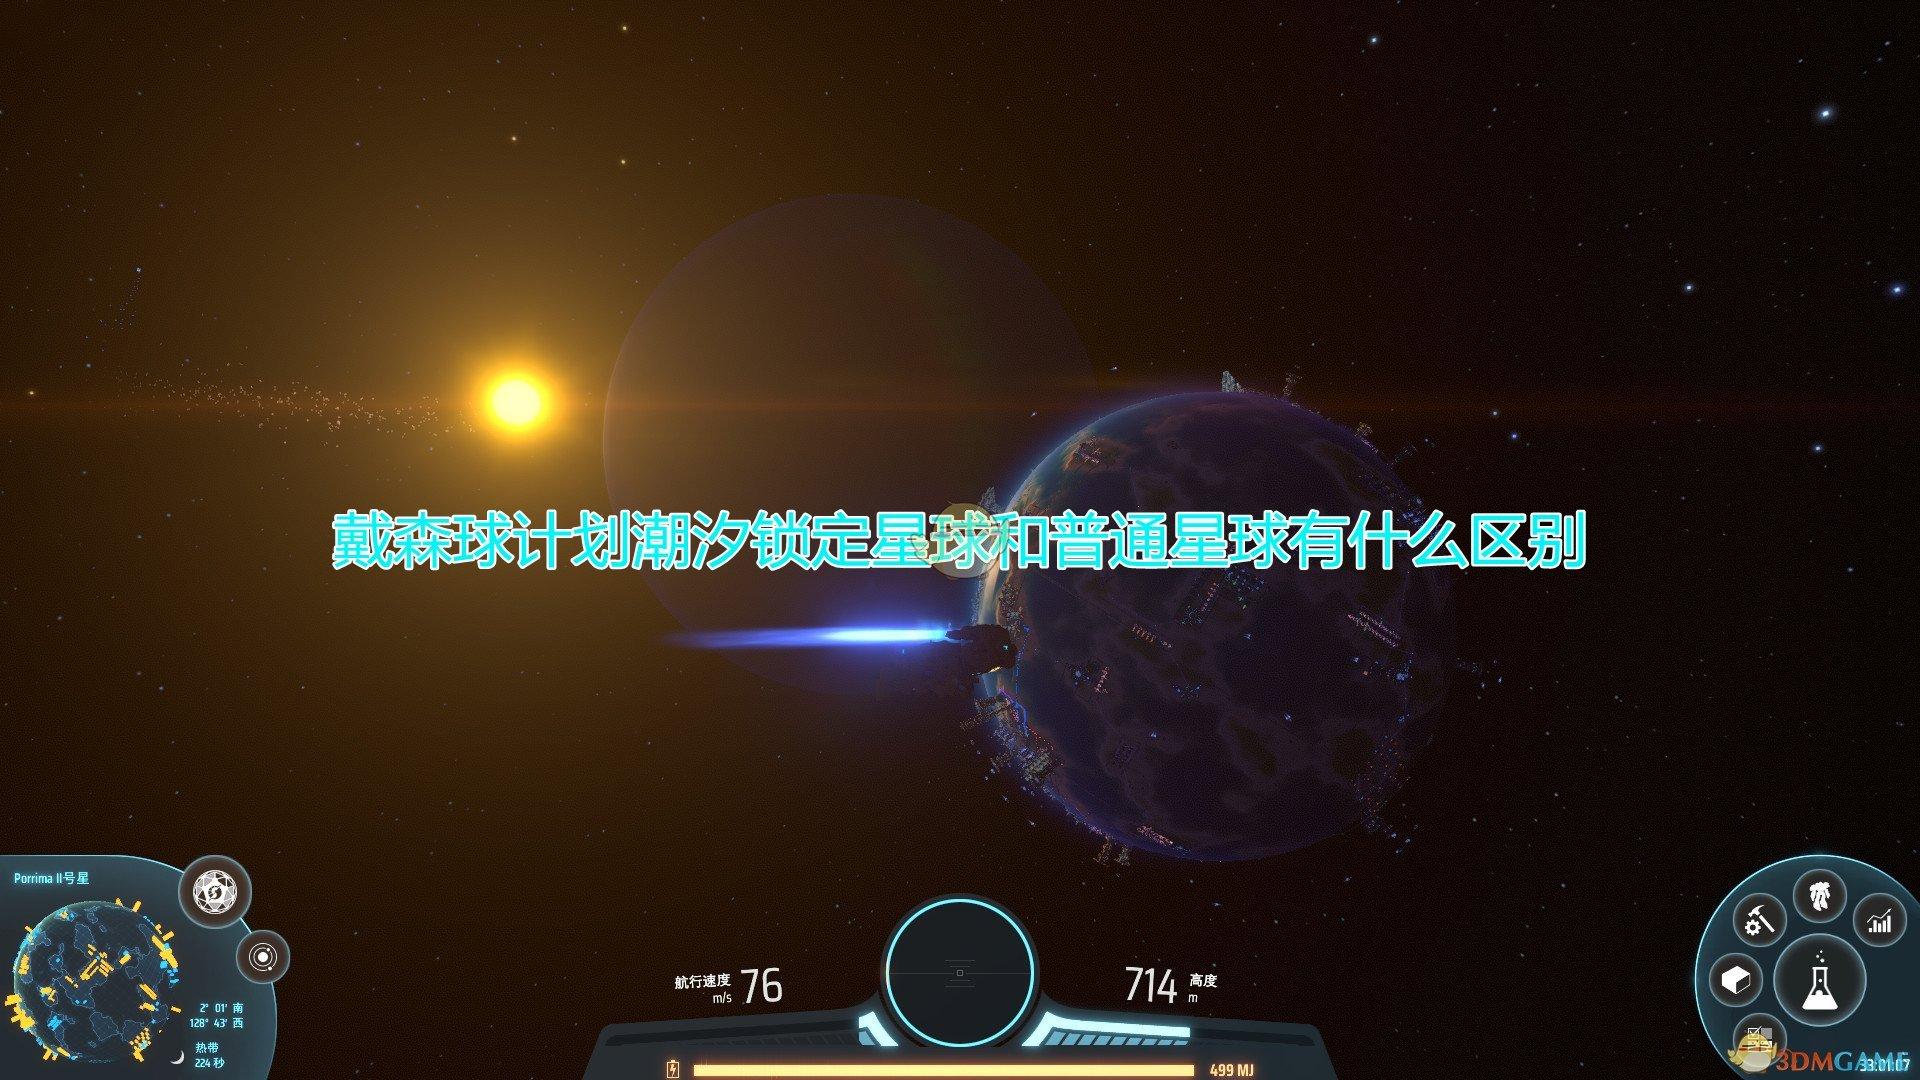 《戴森球计划》潮汐锁定星球小知识介绍